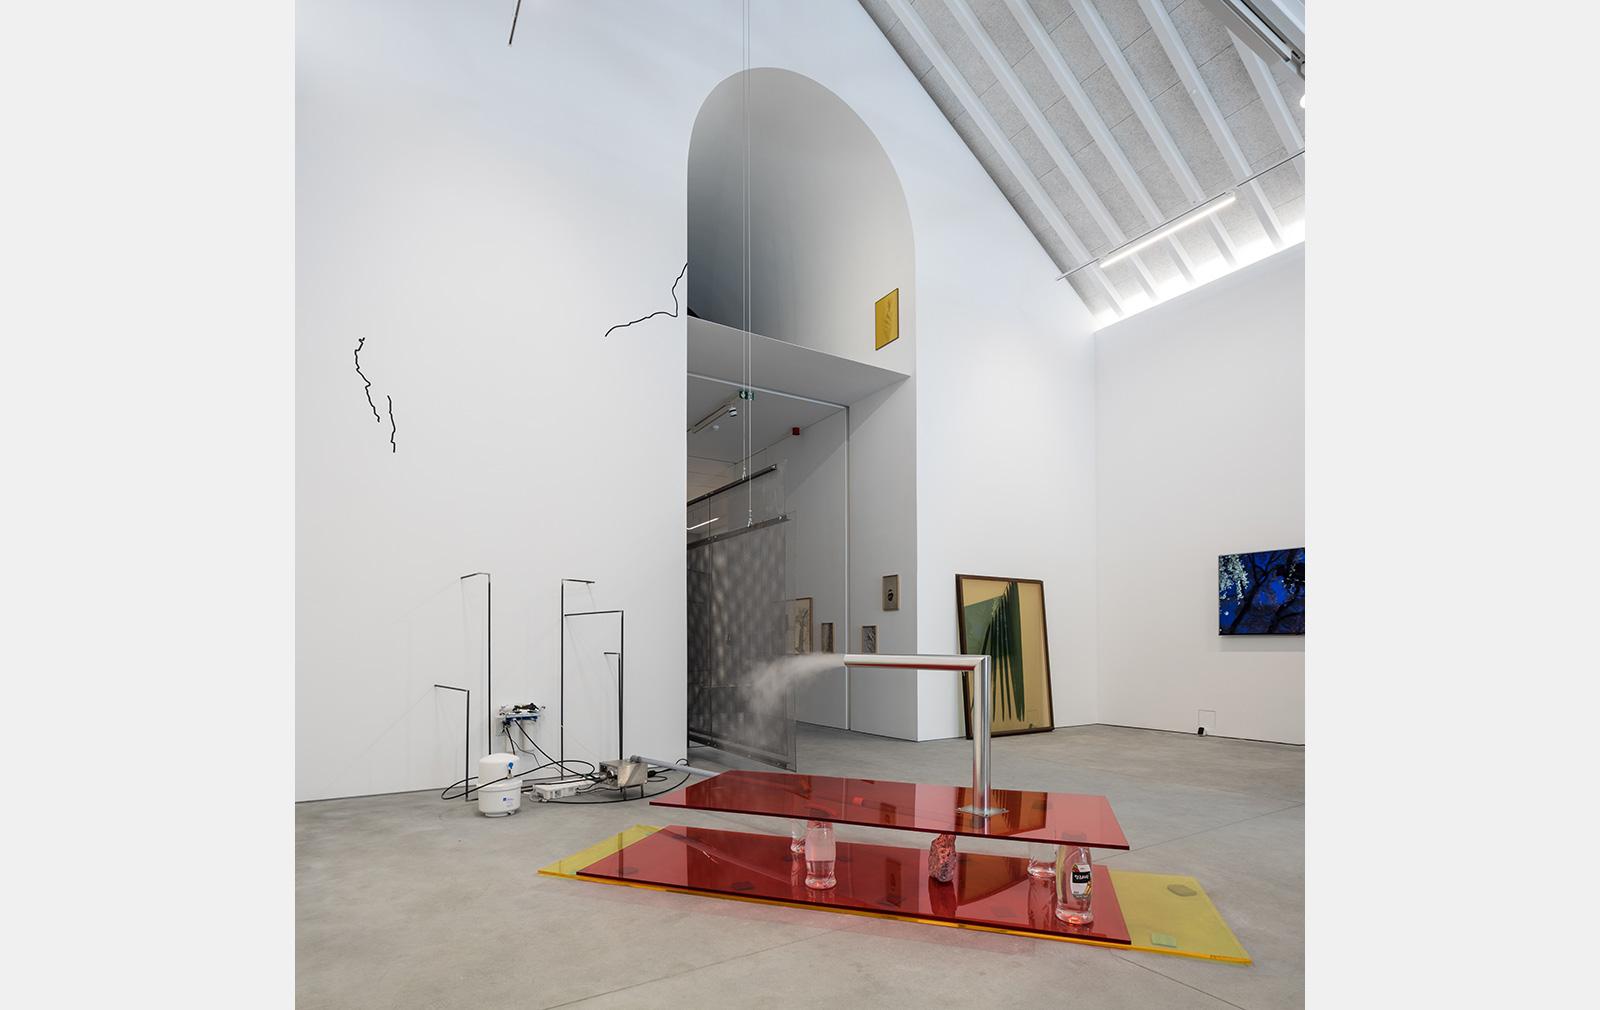 Galeria Francisco Fino in Lisbon